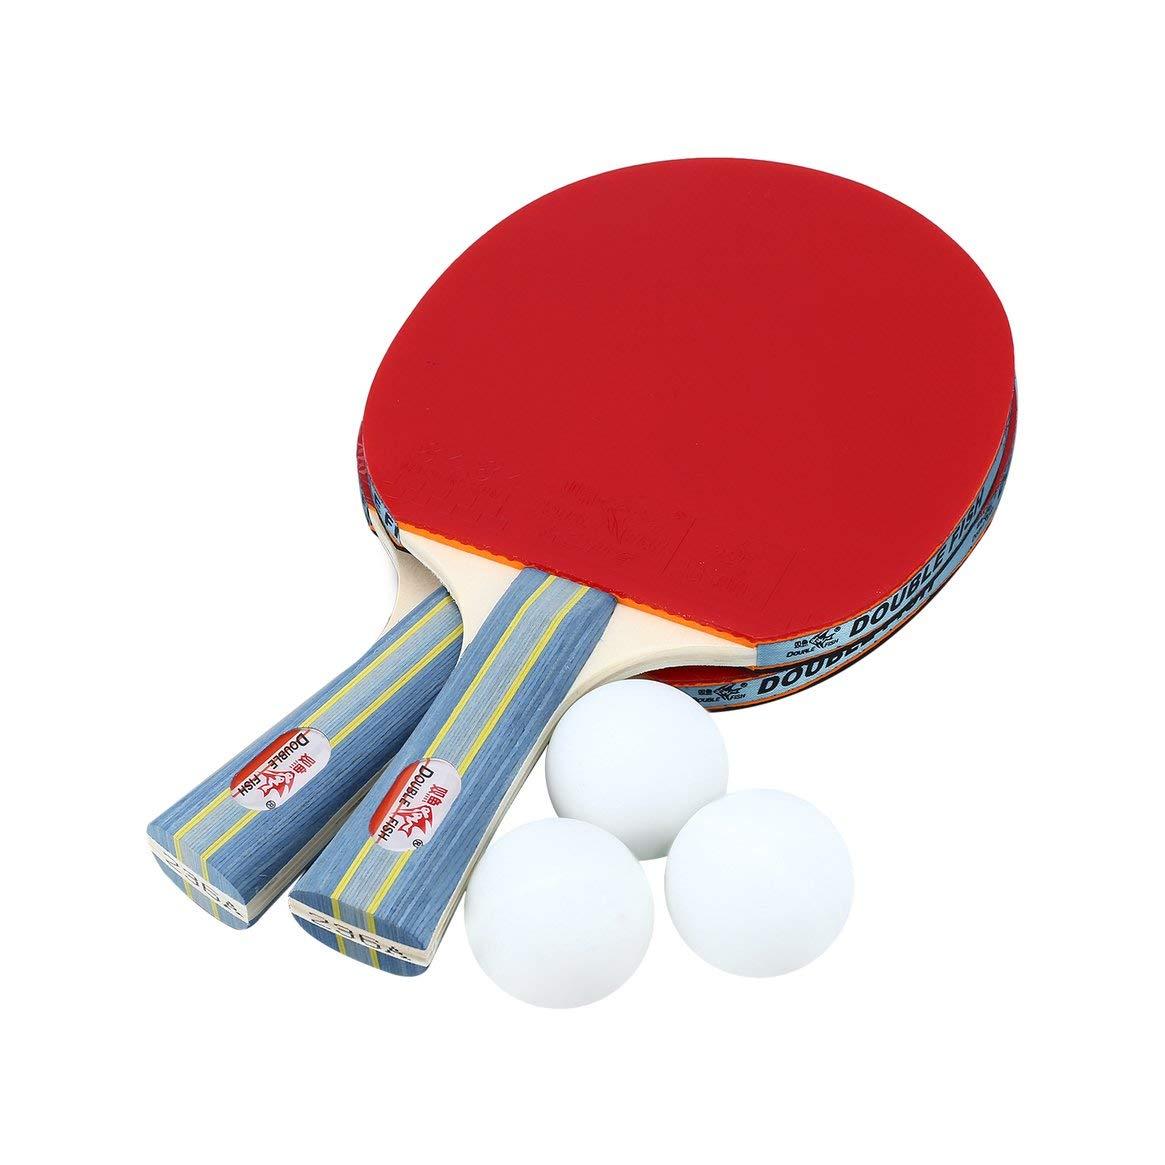 Delicacydex DOPPELFISCH Outdoor Indoor Sport Tischtennisschläger mit Ping-Pong Balls Tragbare Durable Ping-Pong Paddel Set